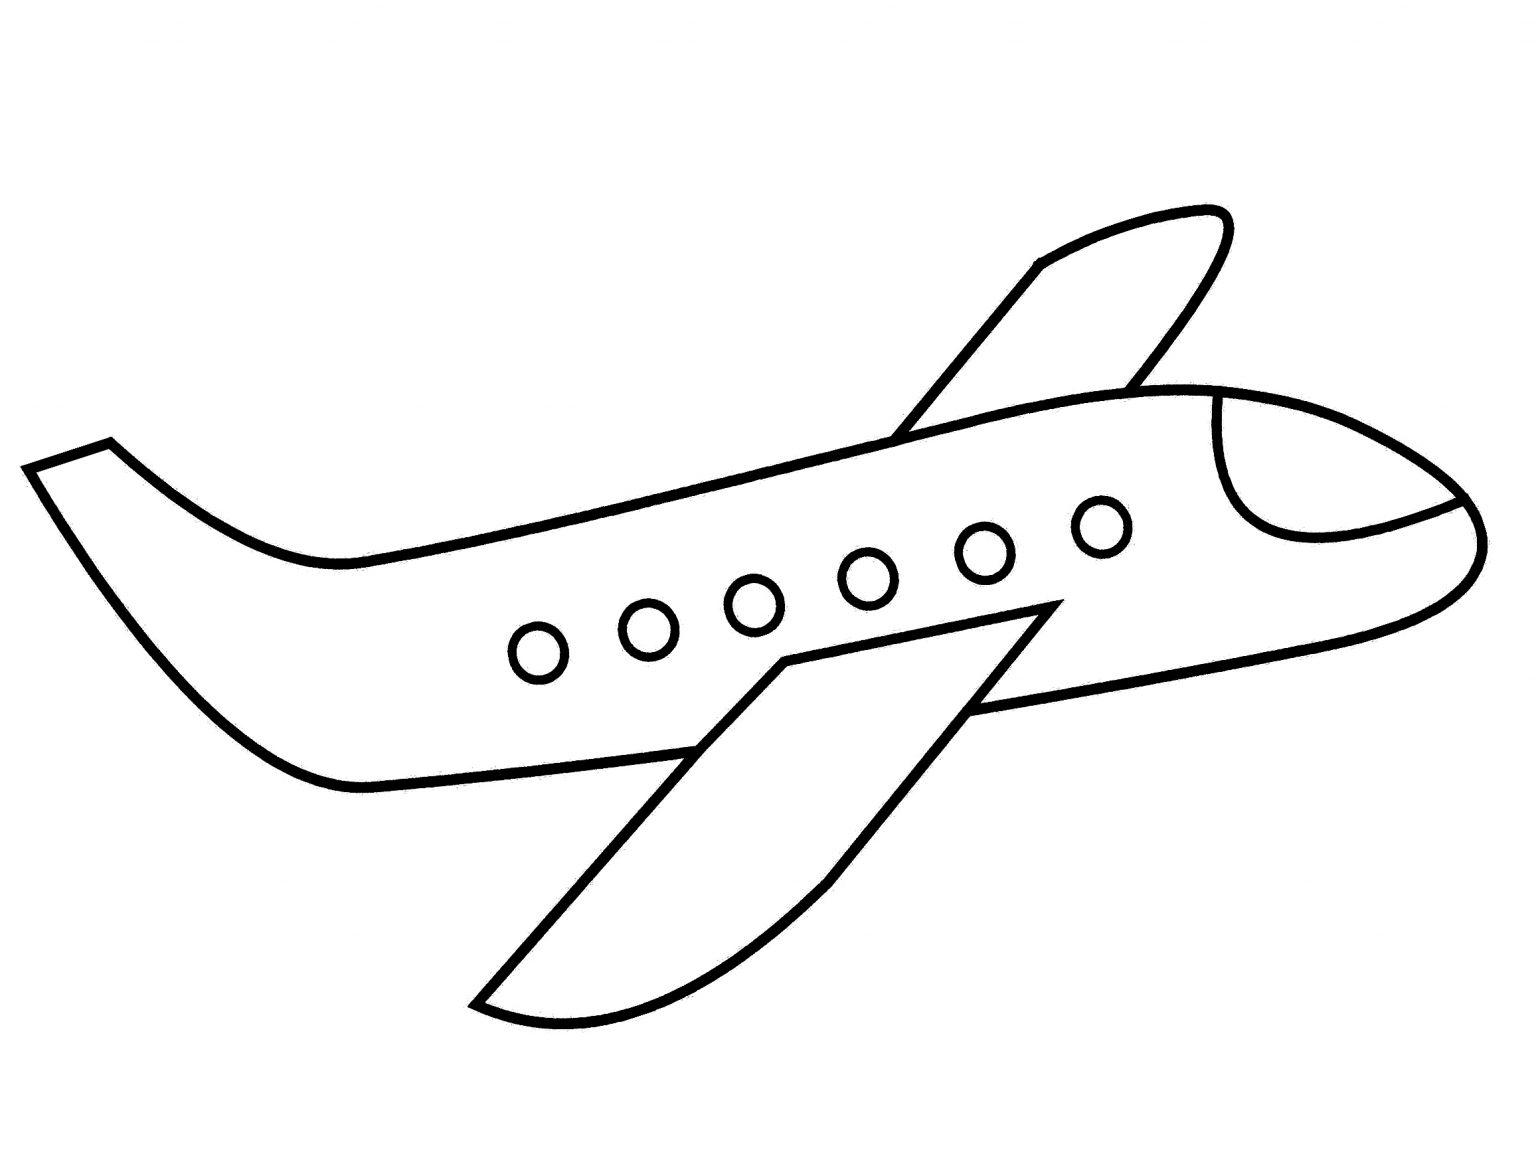 flugzeug ausmalbilder kostenlos malvorlagen windowcolor